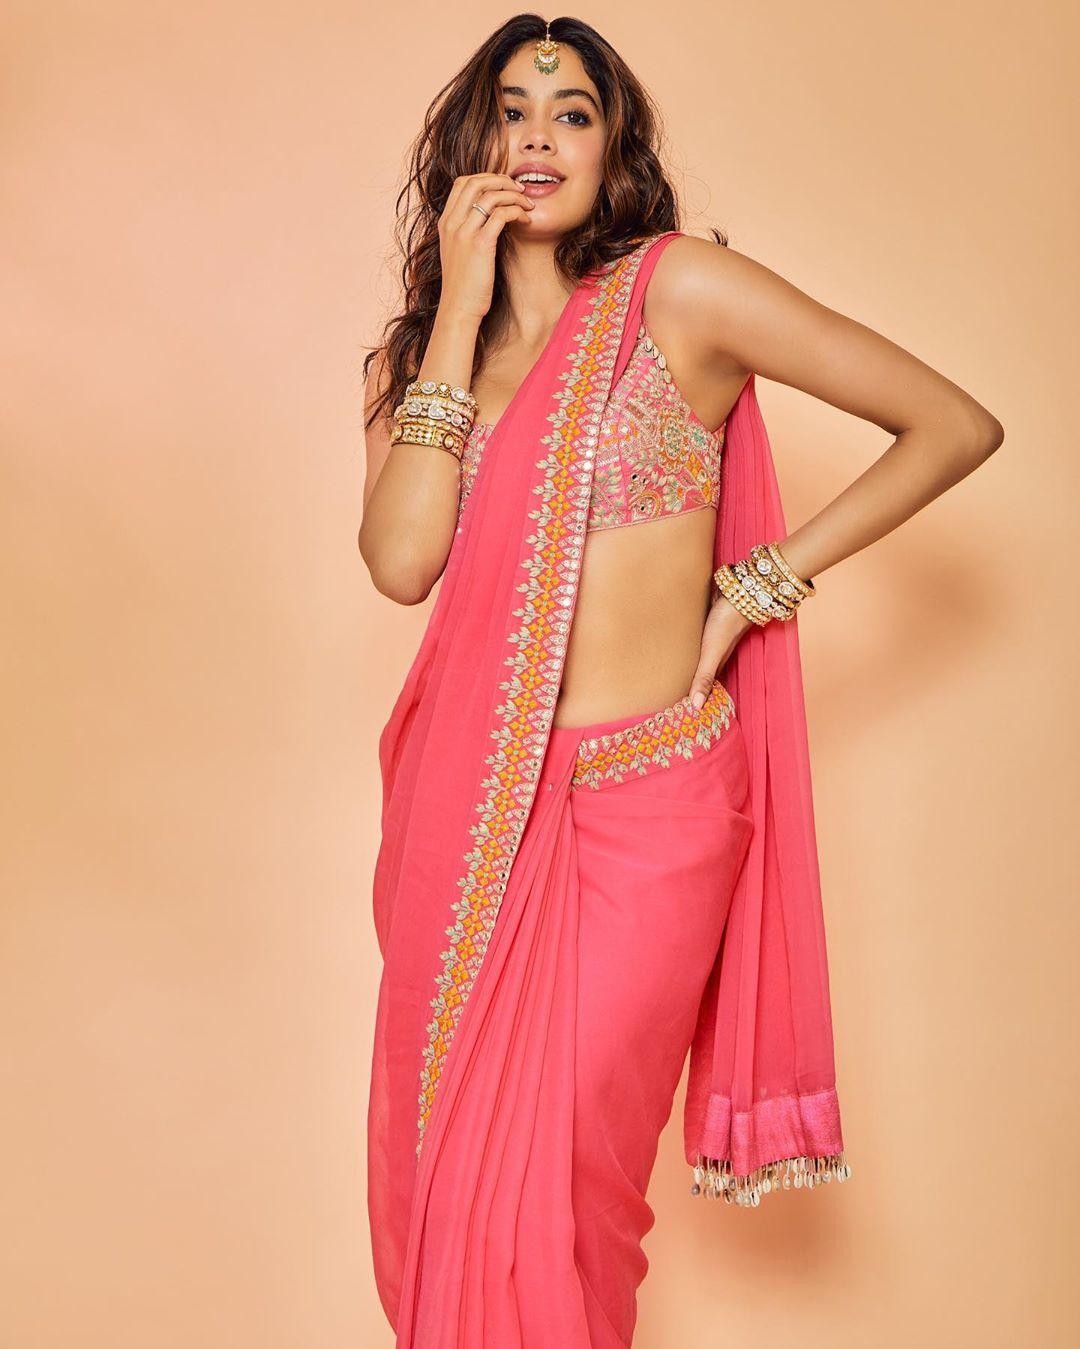 pink sarees photos, pink saree style tips, pink sarees inspired by bollywood actress